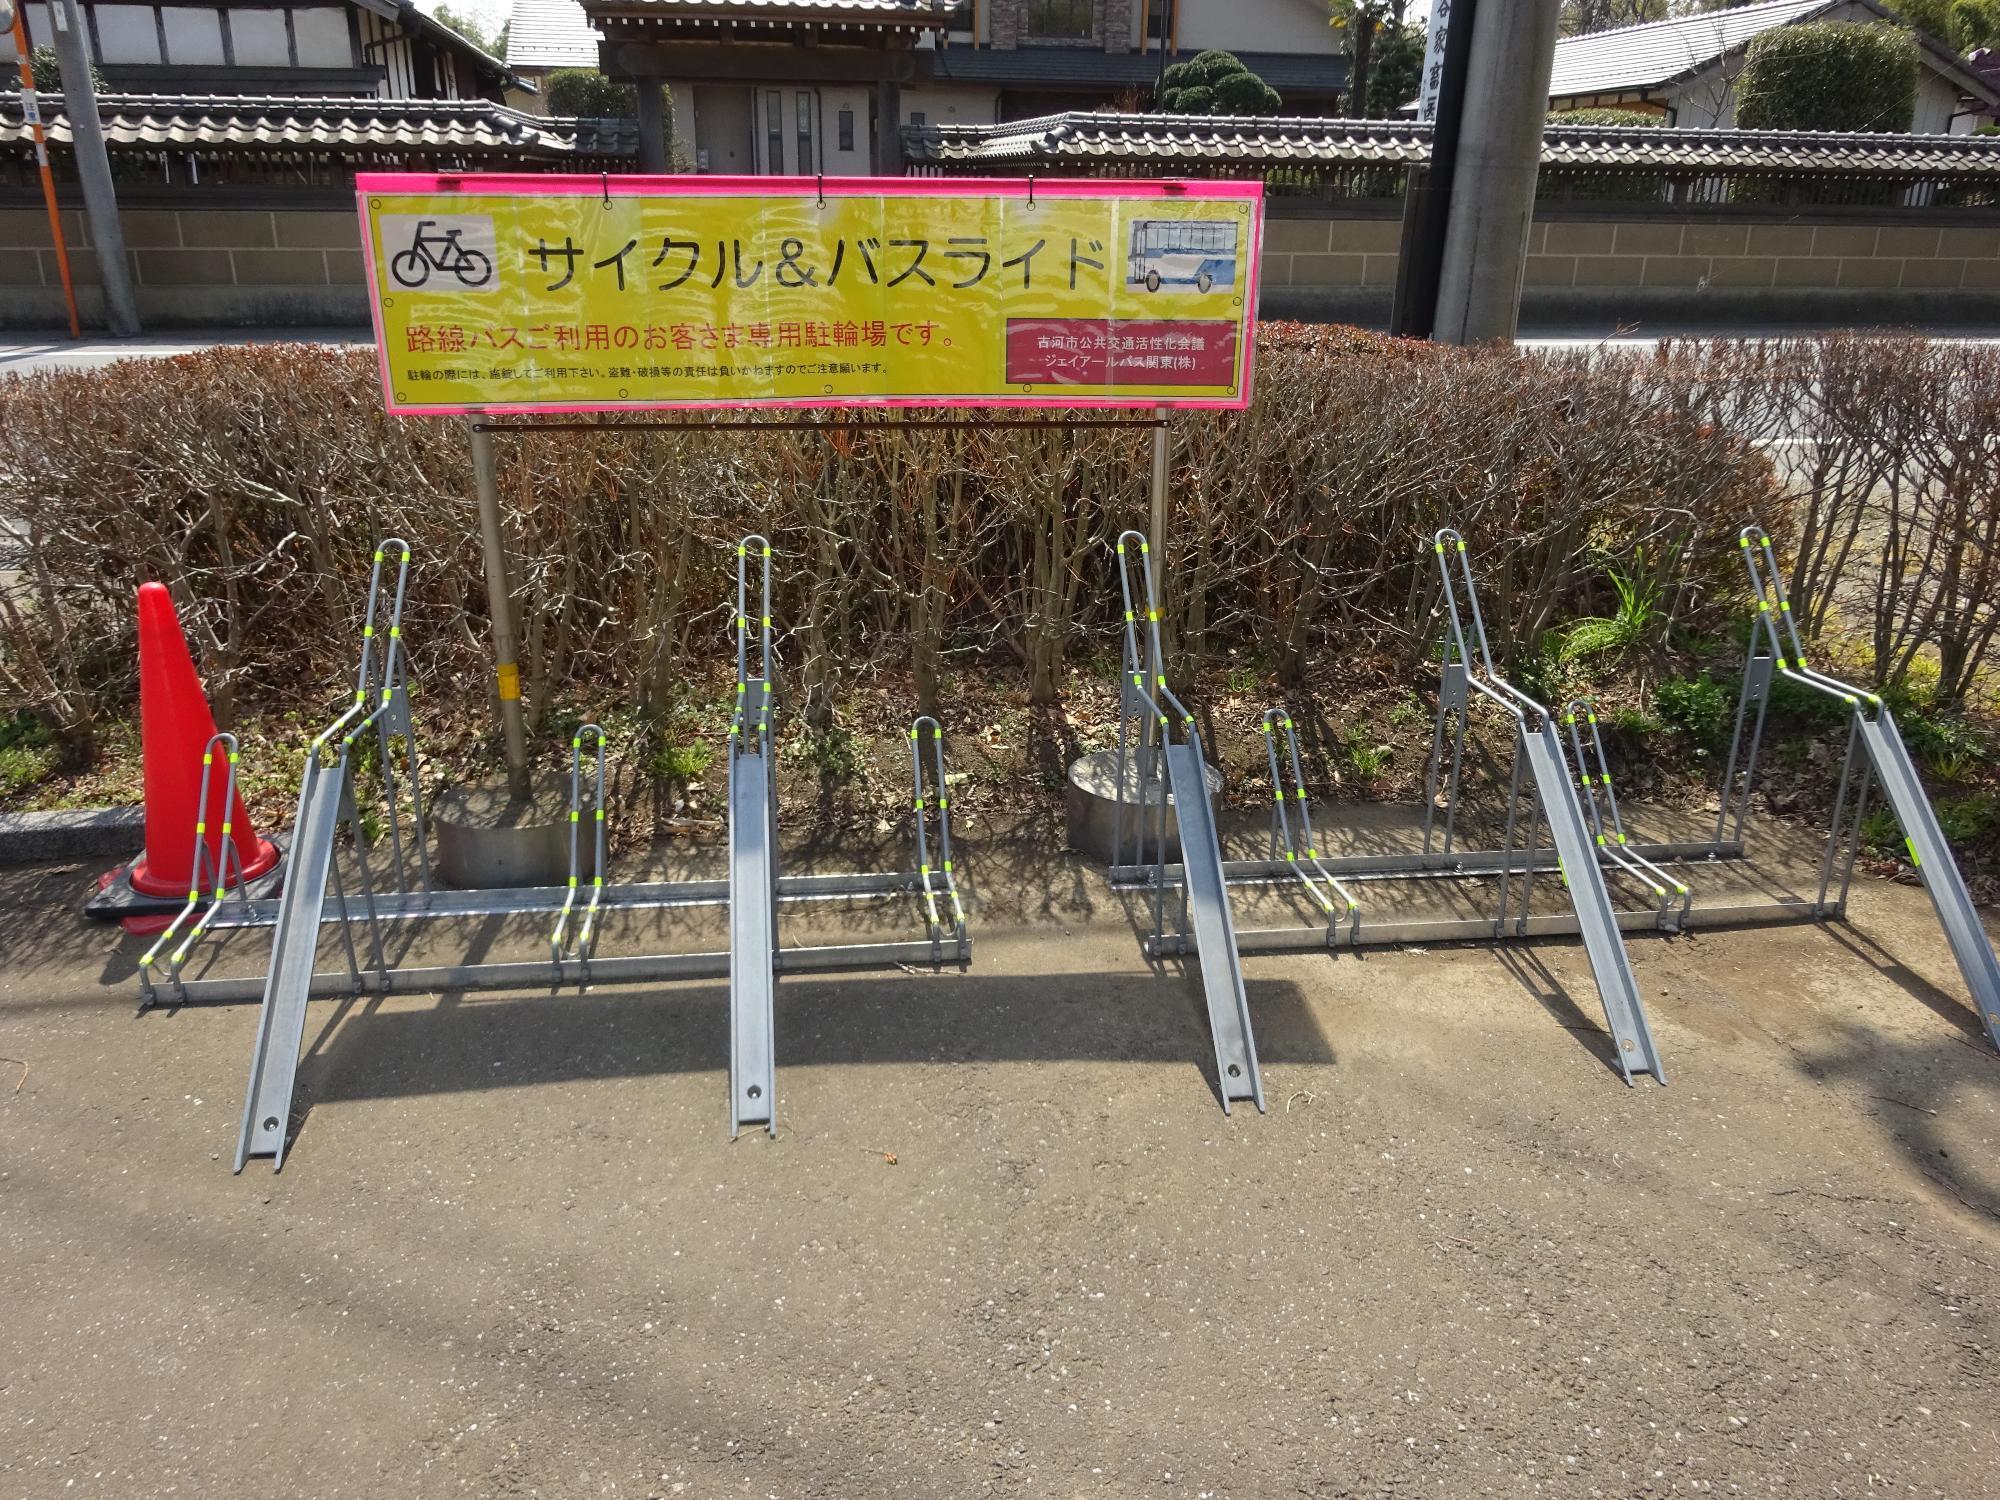 バス システム 関東 ロケーション